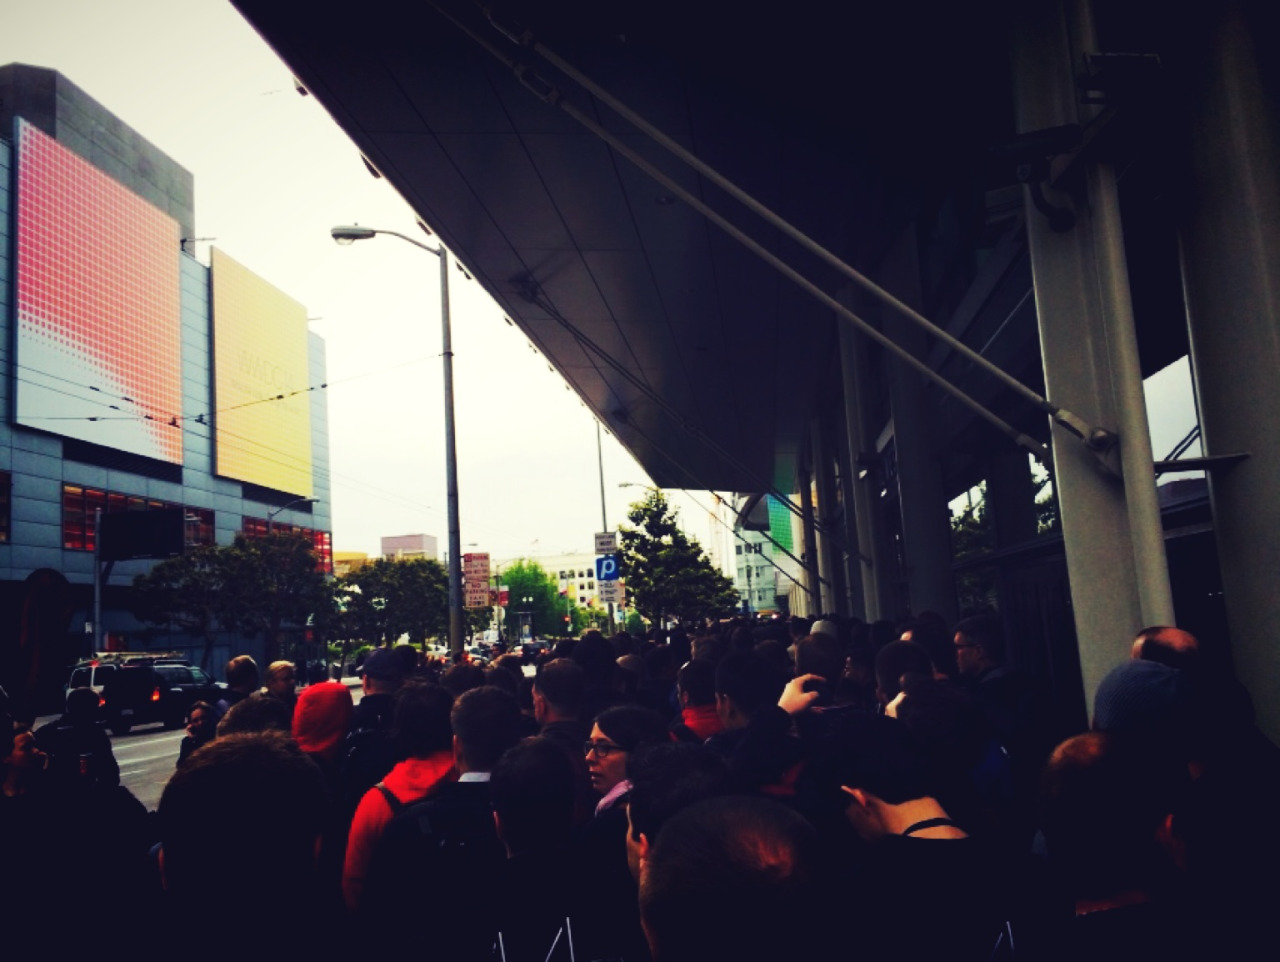 WWDC 2014 - wait in line